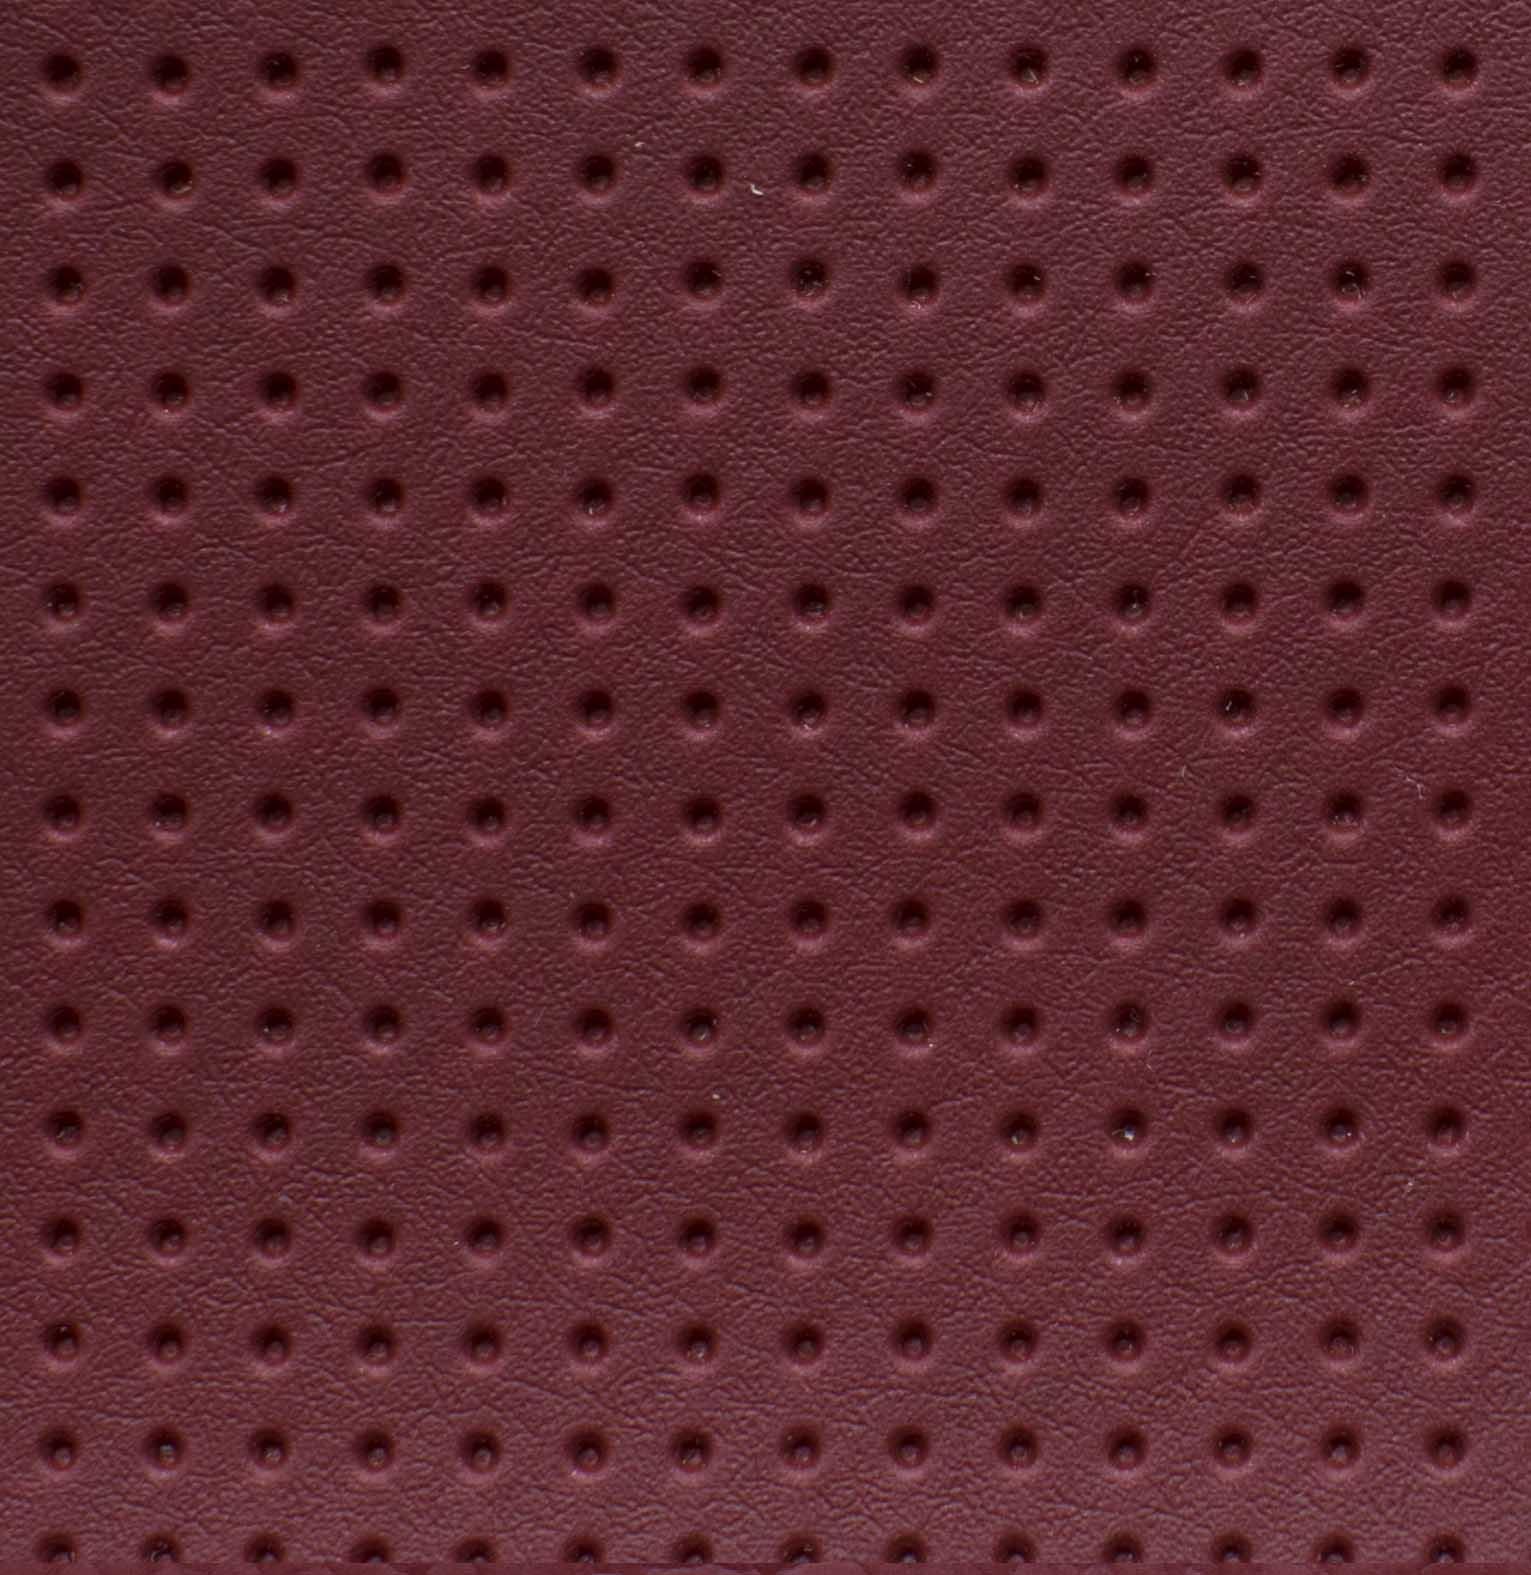 تنوع رنگ صندلی های اپن